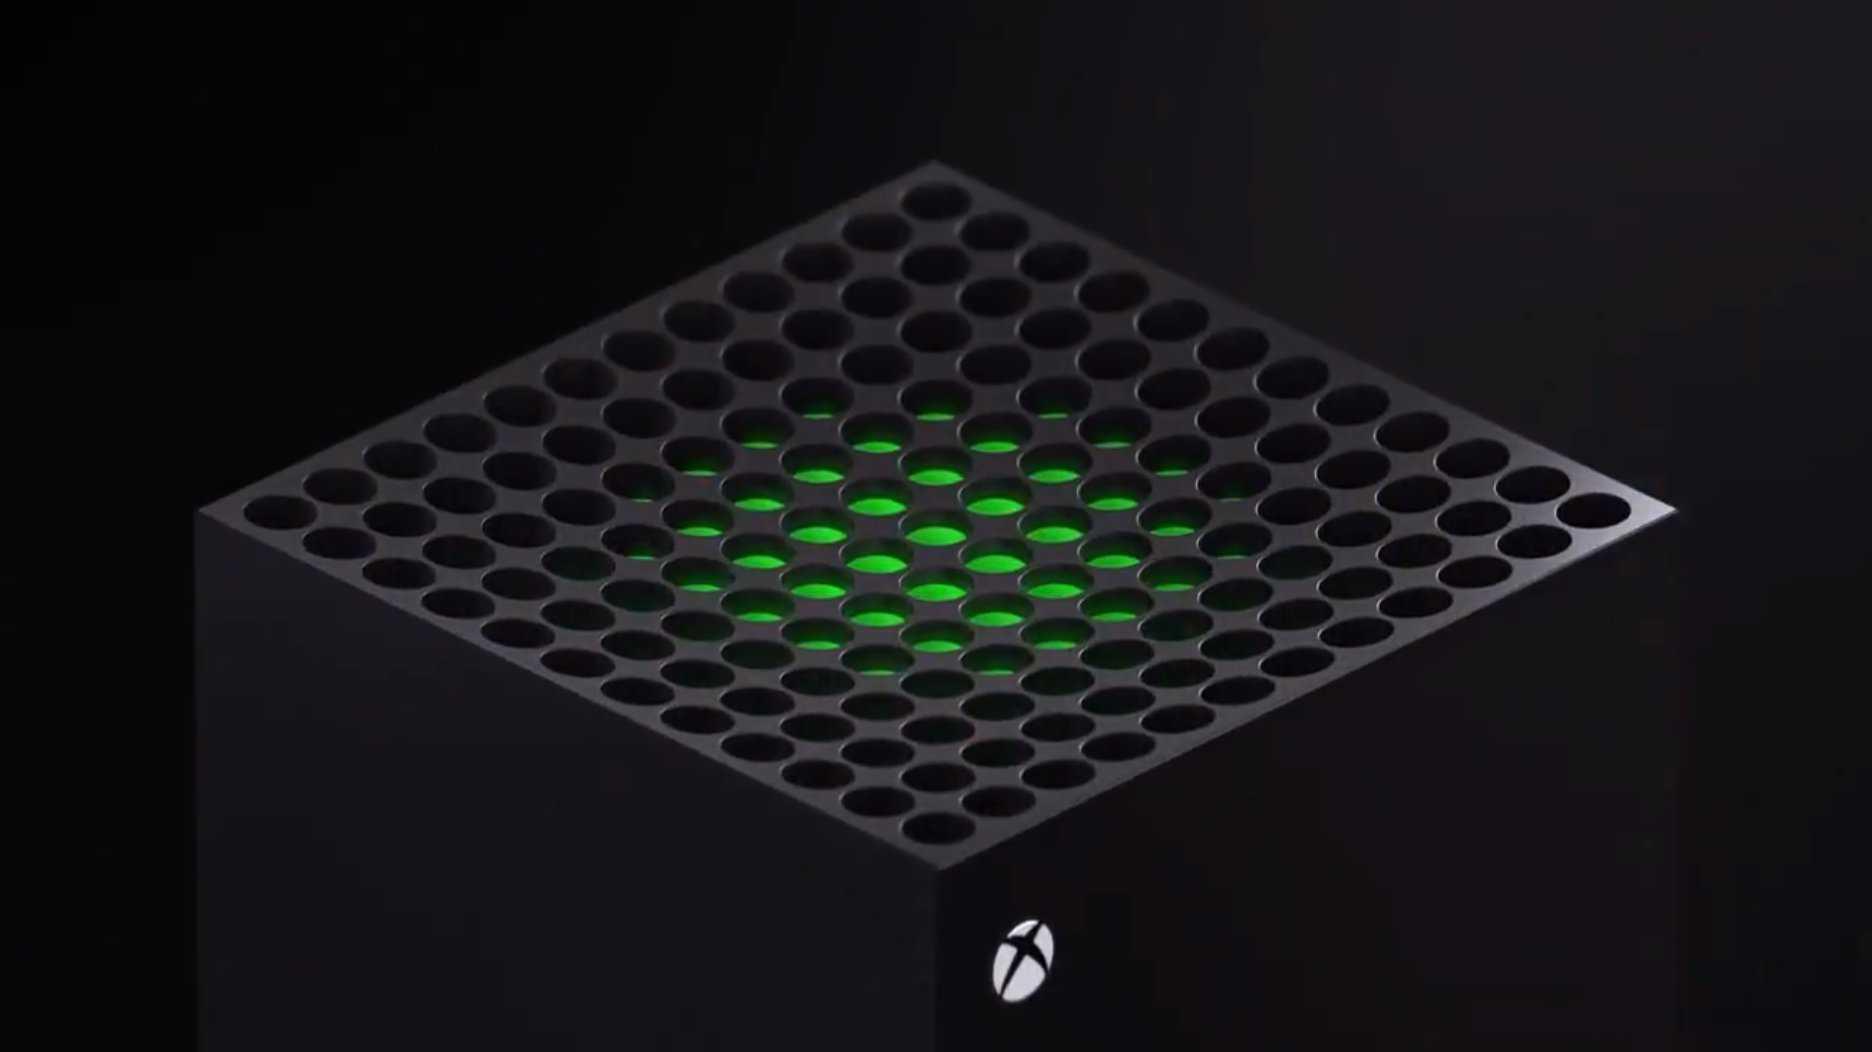 Le système d'exploitation Xbox va être beaucoup plus rapide